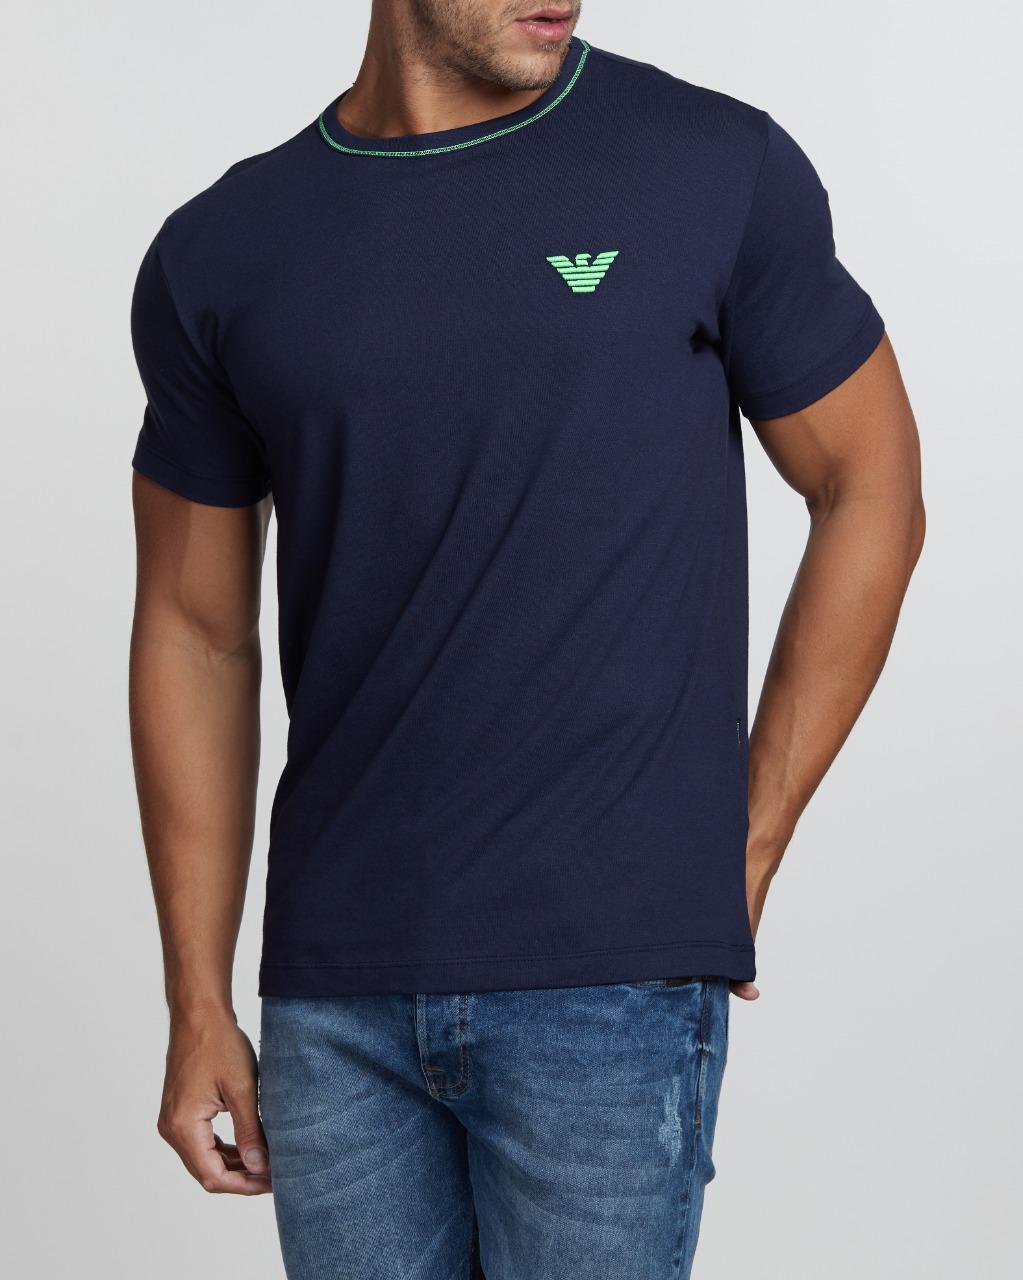 Camiseta Emporio Armani Classic Fluorecent Bordado Azul Marinho